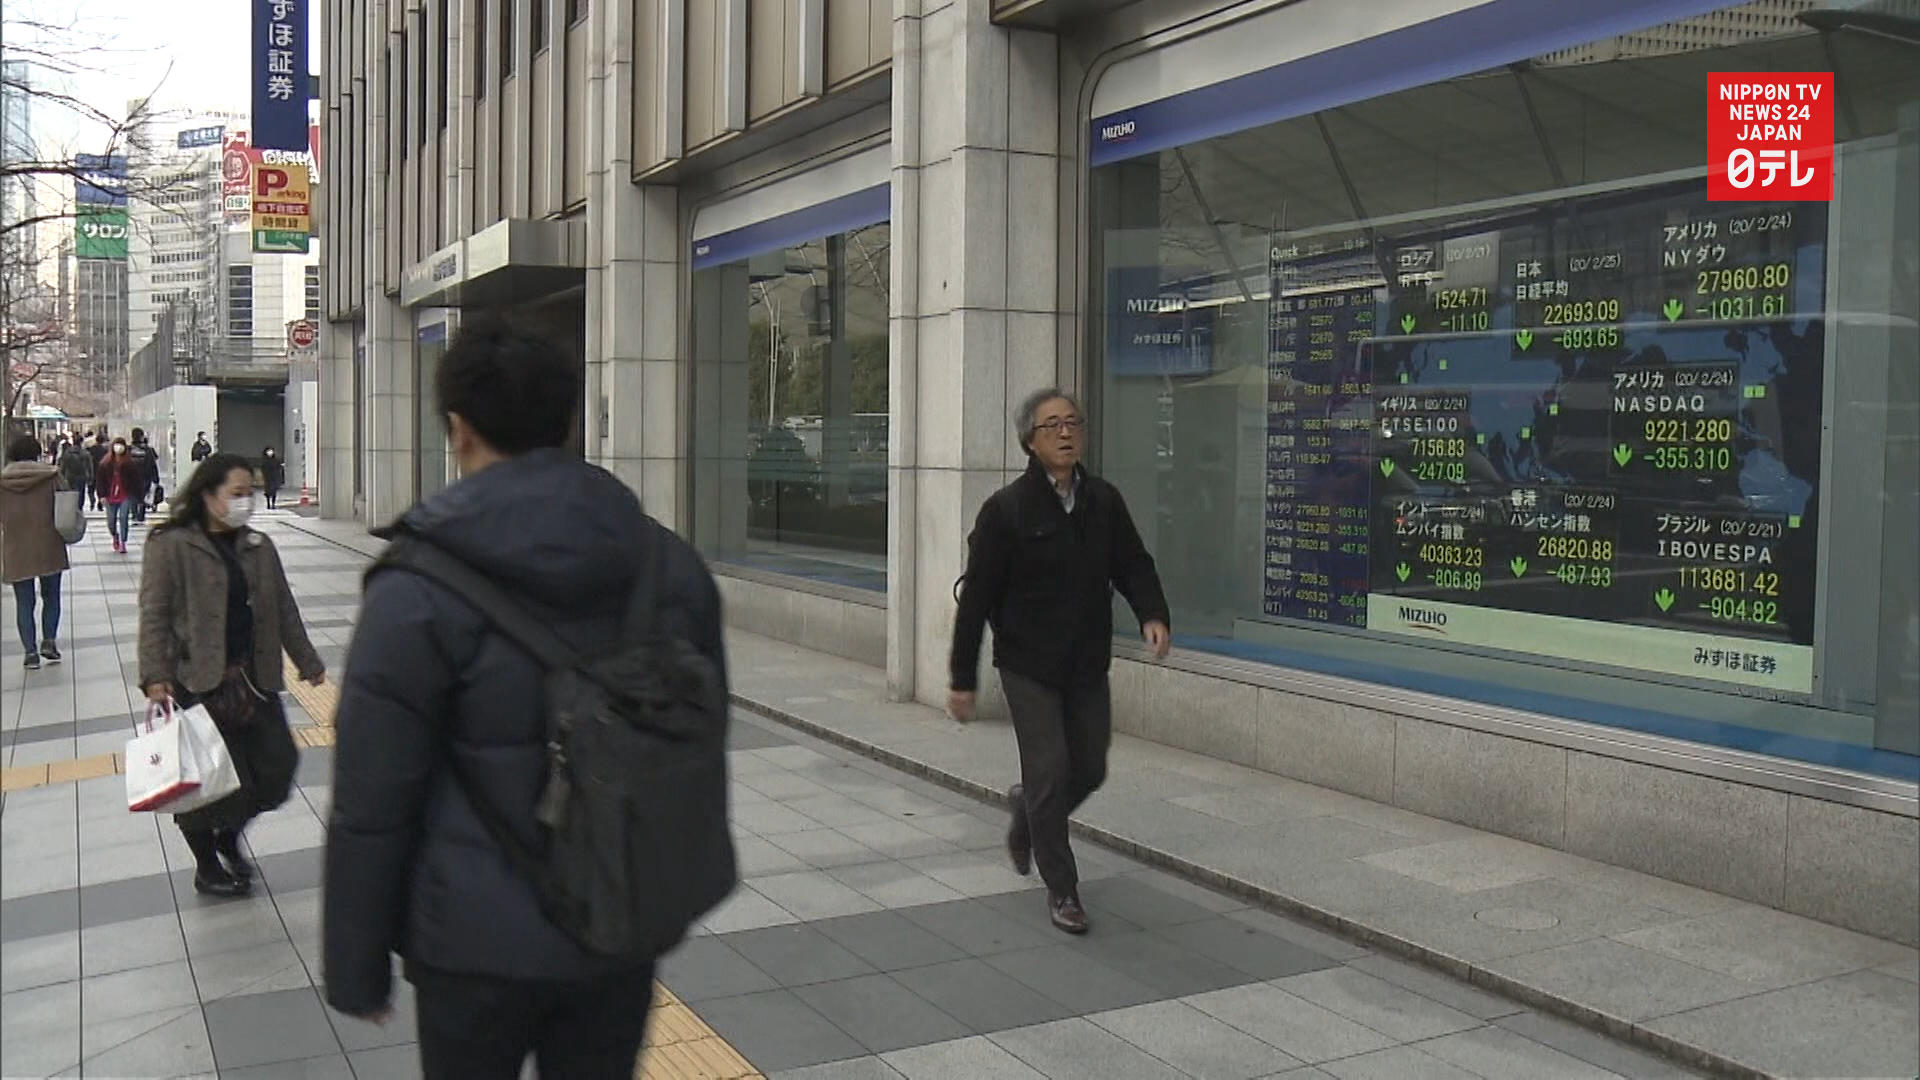 CORONAVIRUS: Tokyo stocks plunge